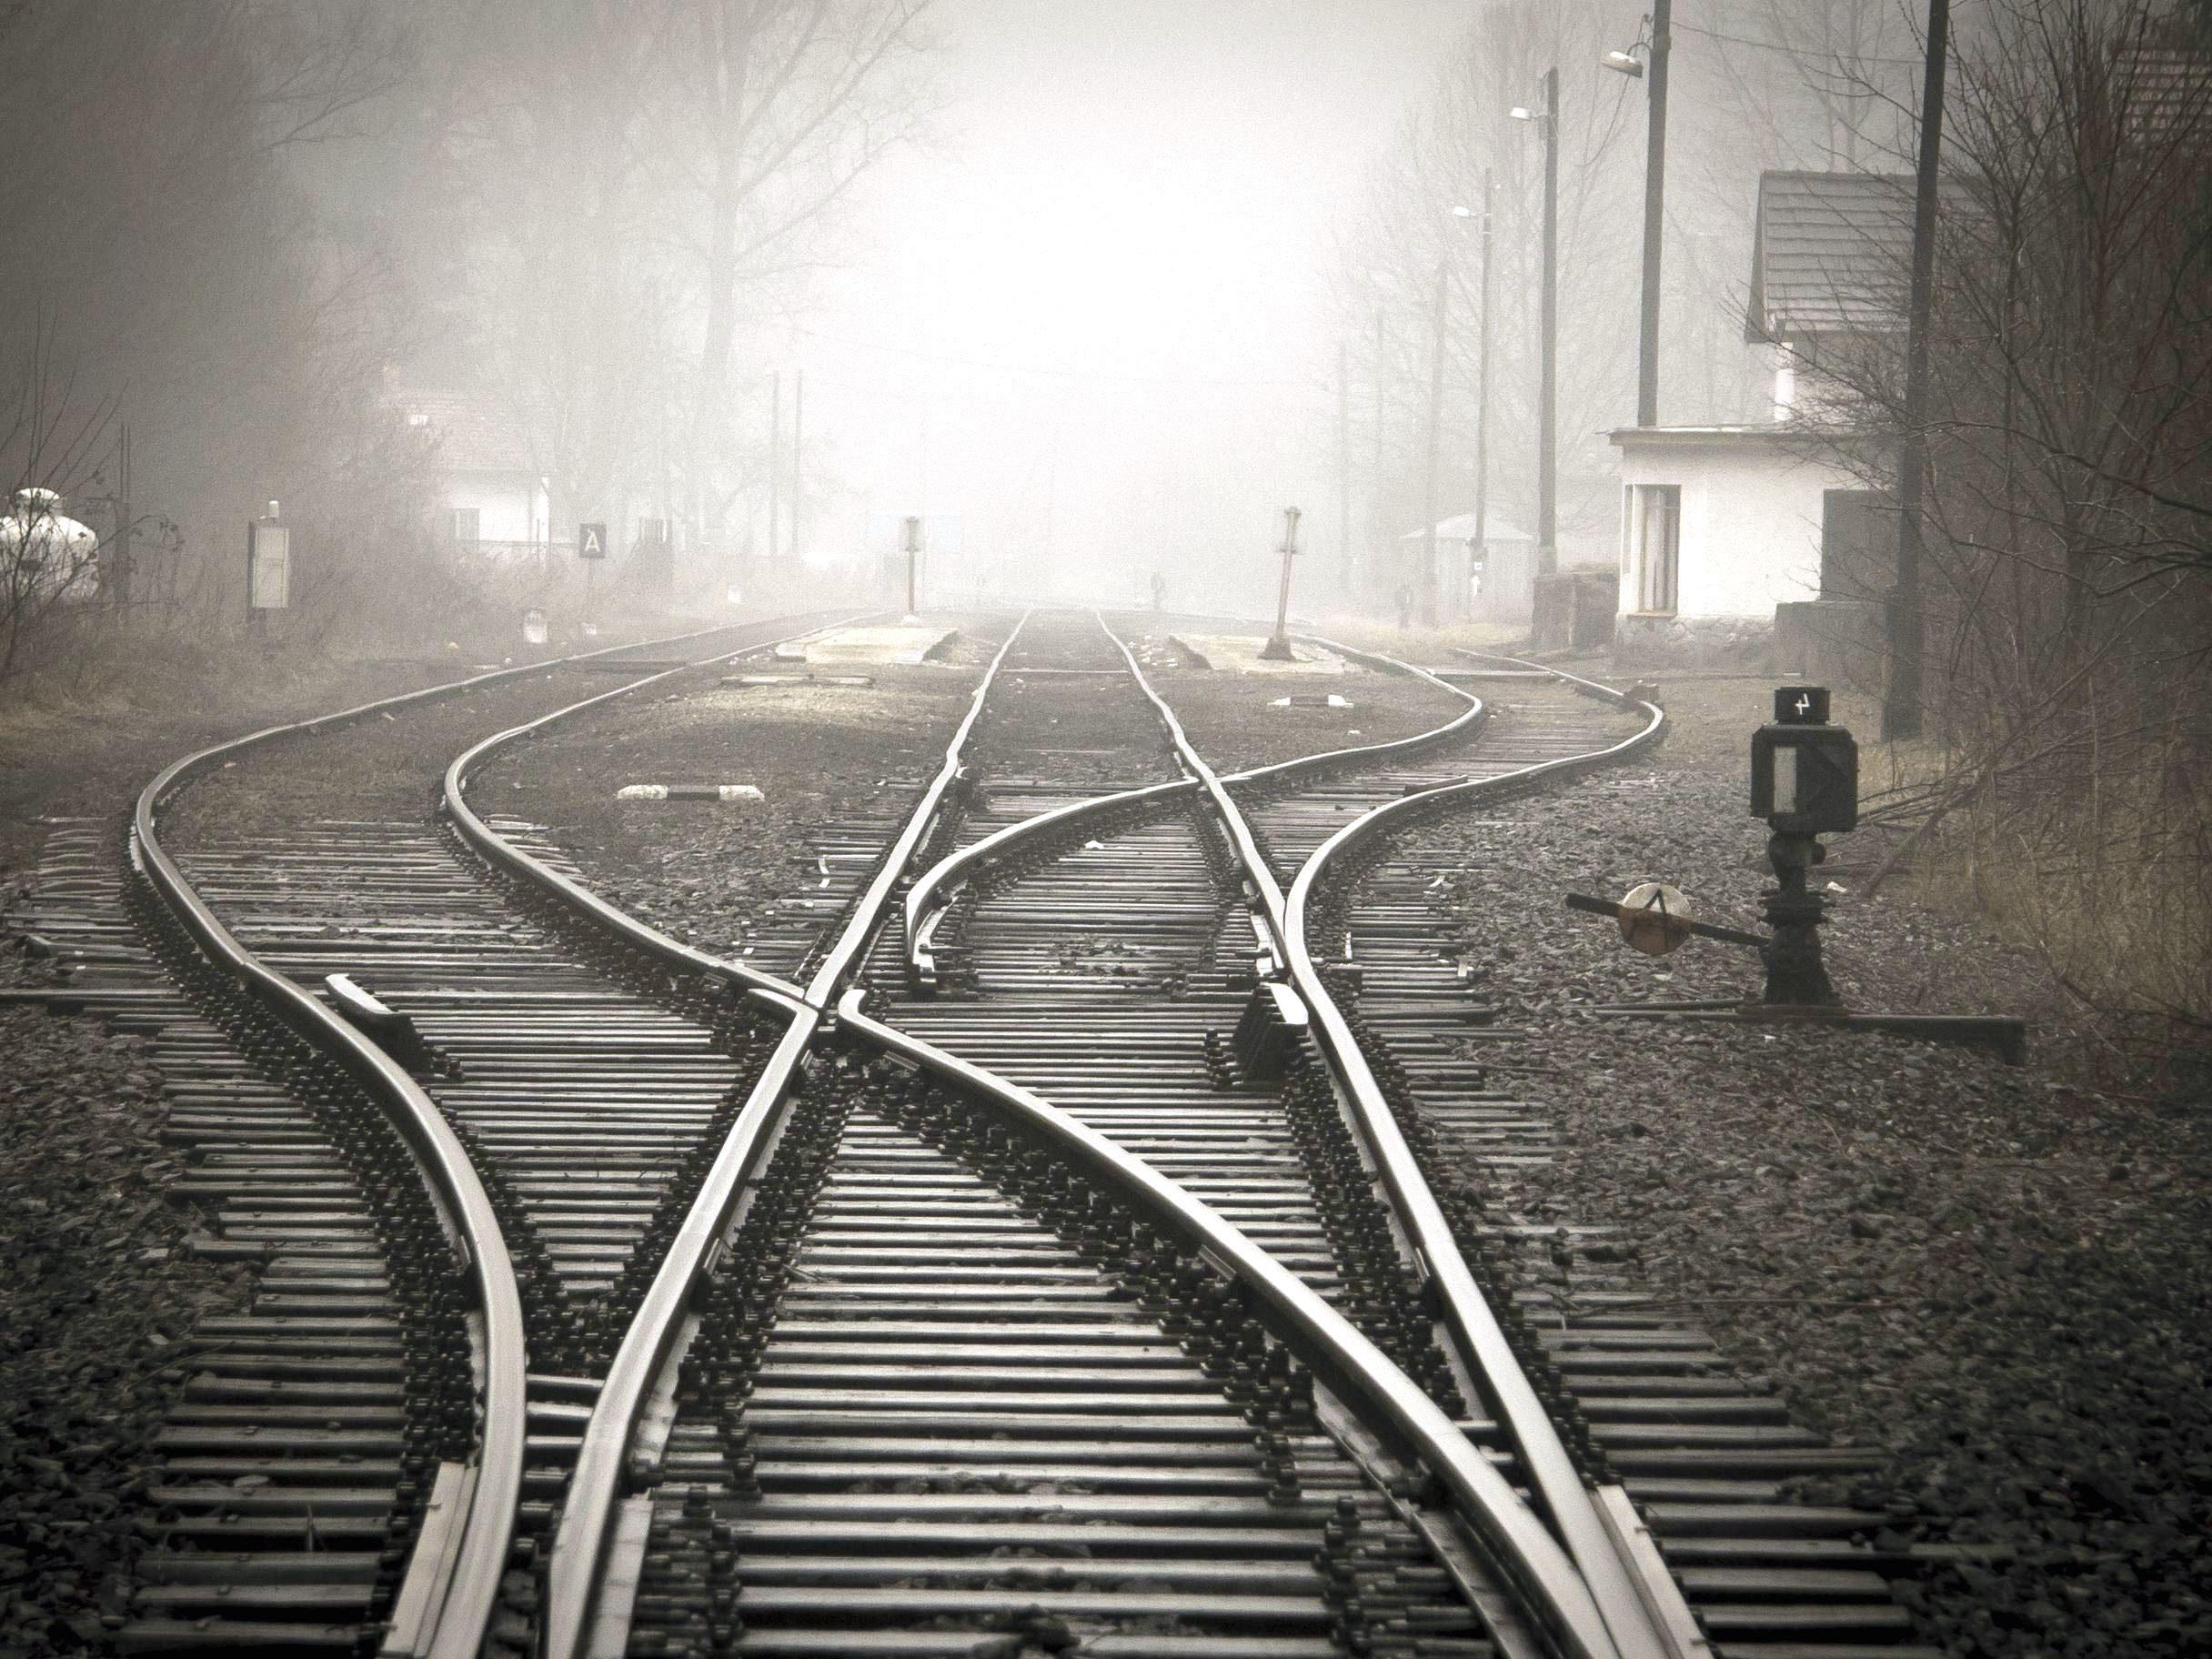 Viaje en tren - 5 1